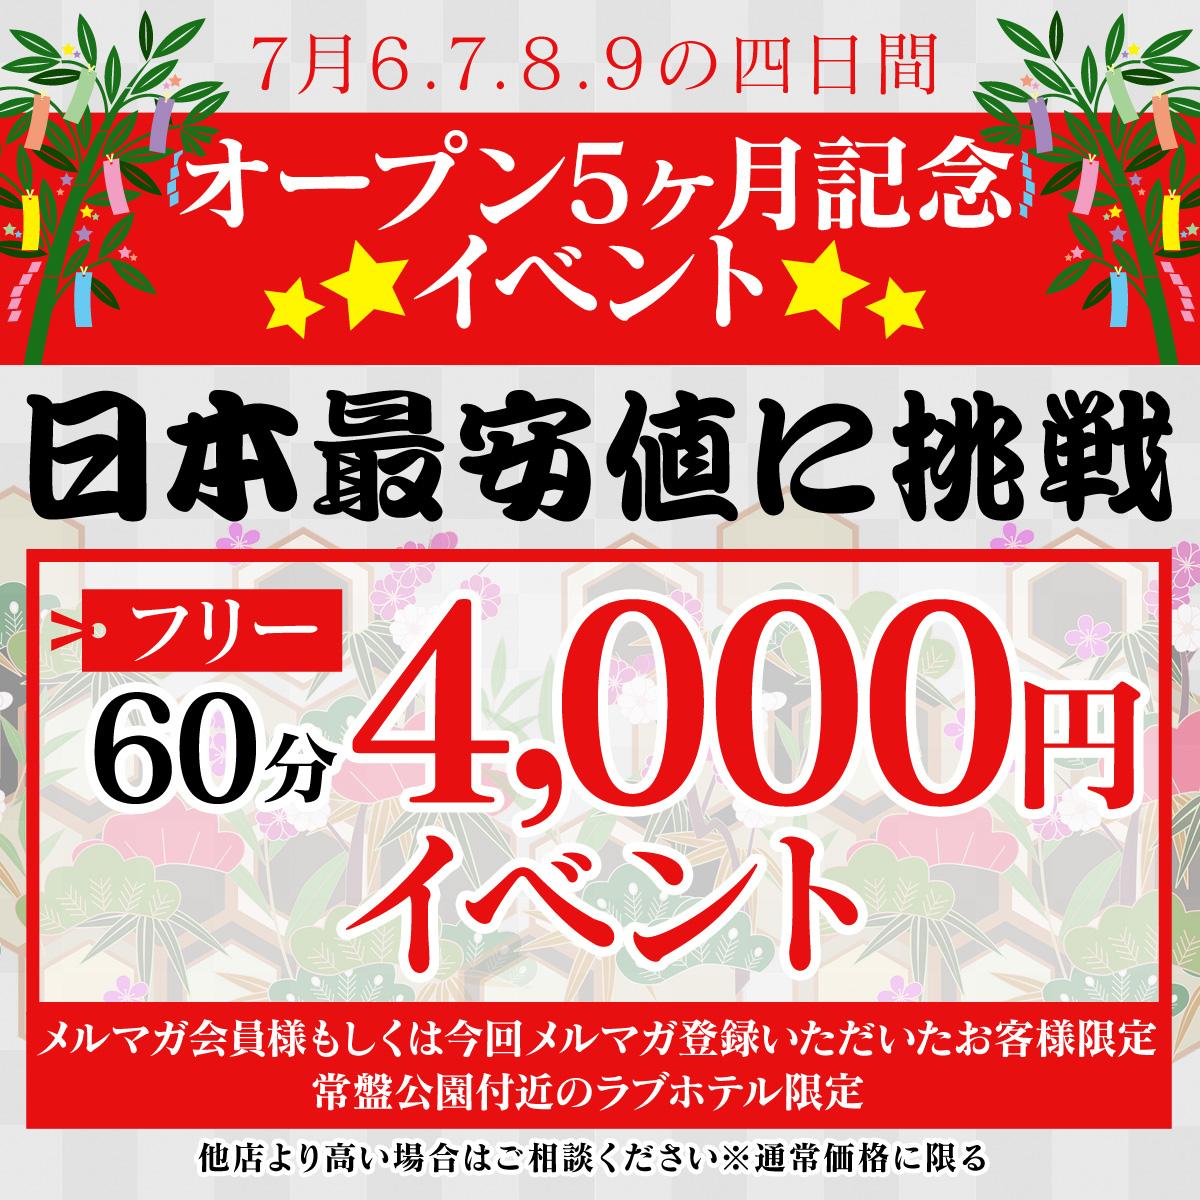 20180702静岡ちゃんこ_オフィシャルバナー7月_1200×1200